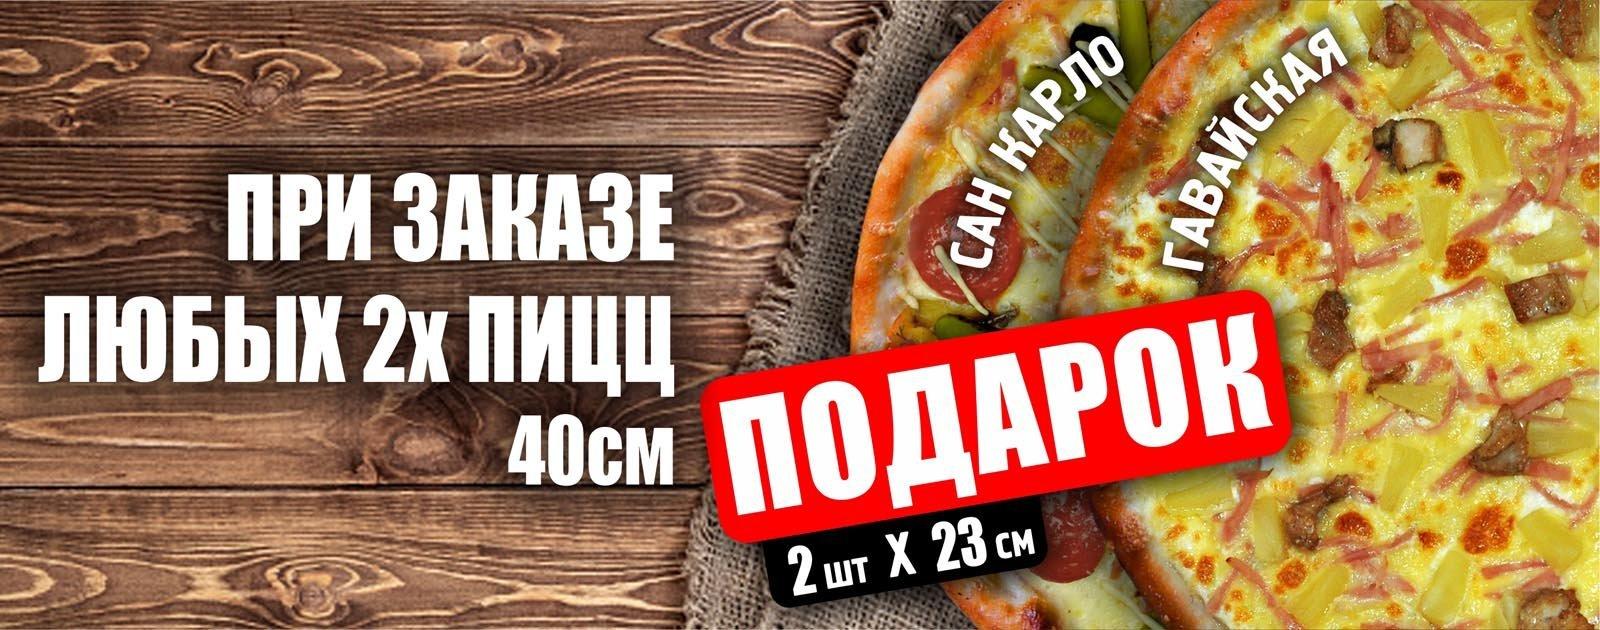 2 пиццы 23 см в ПОДАРОК!